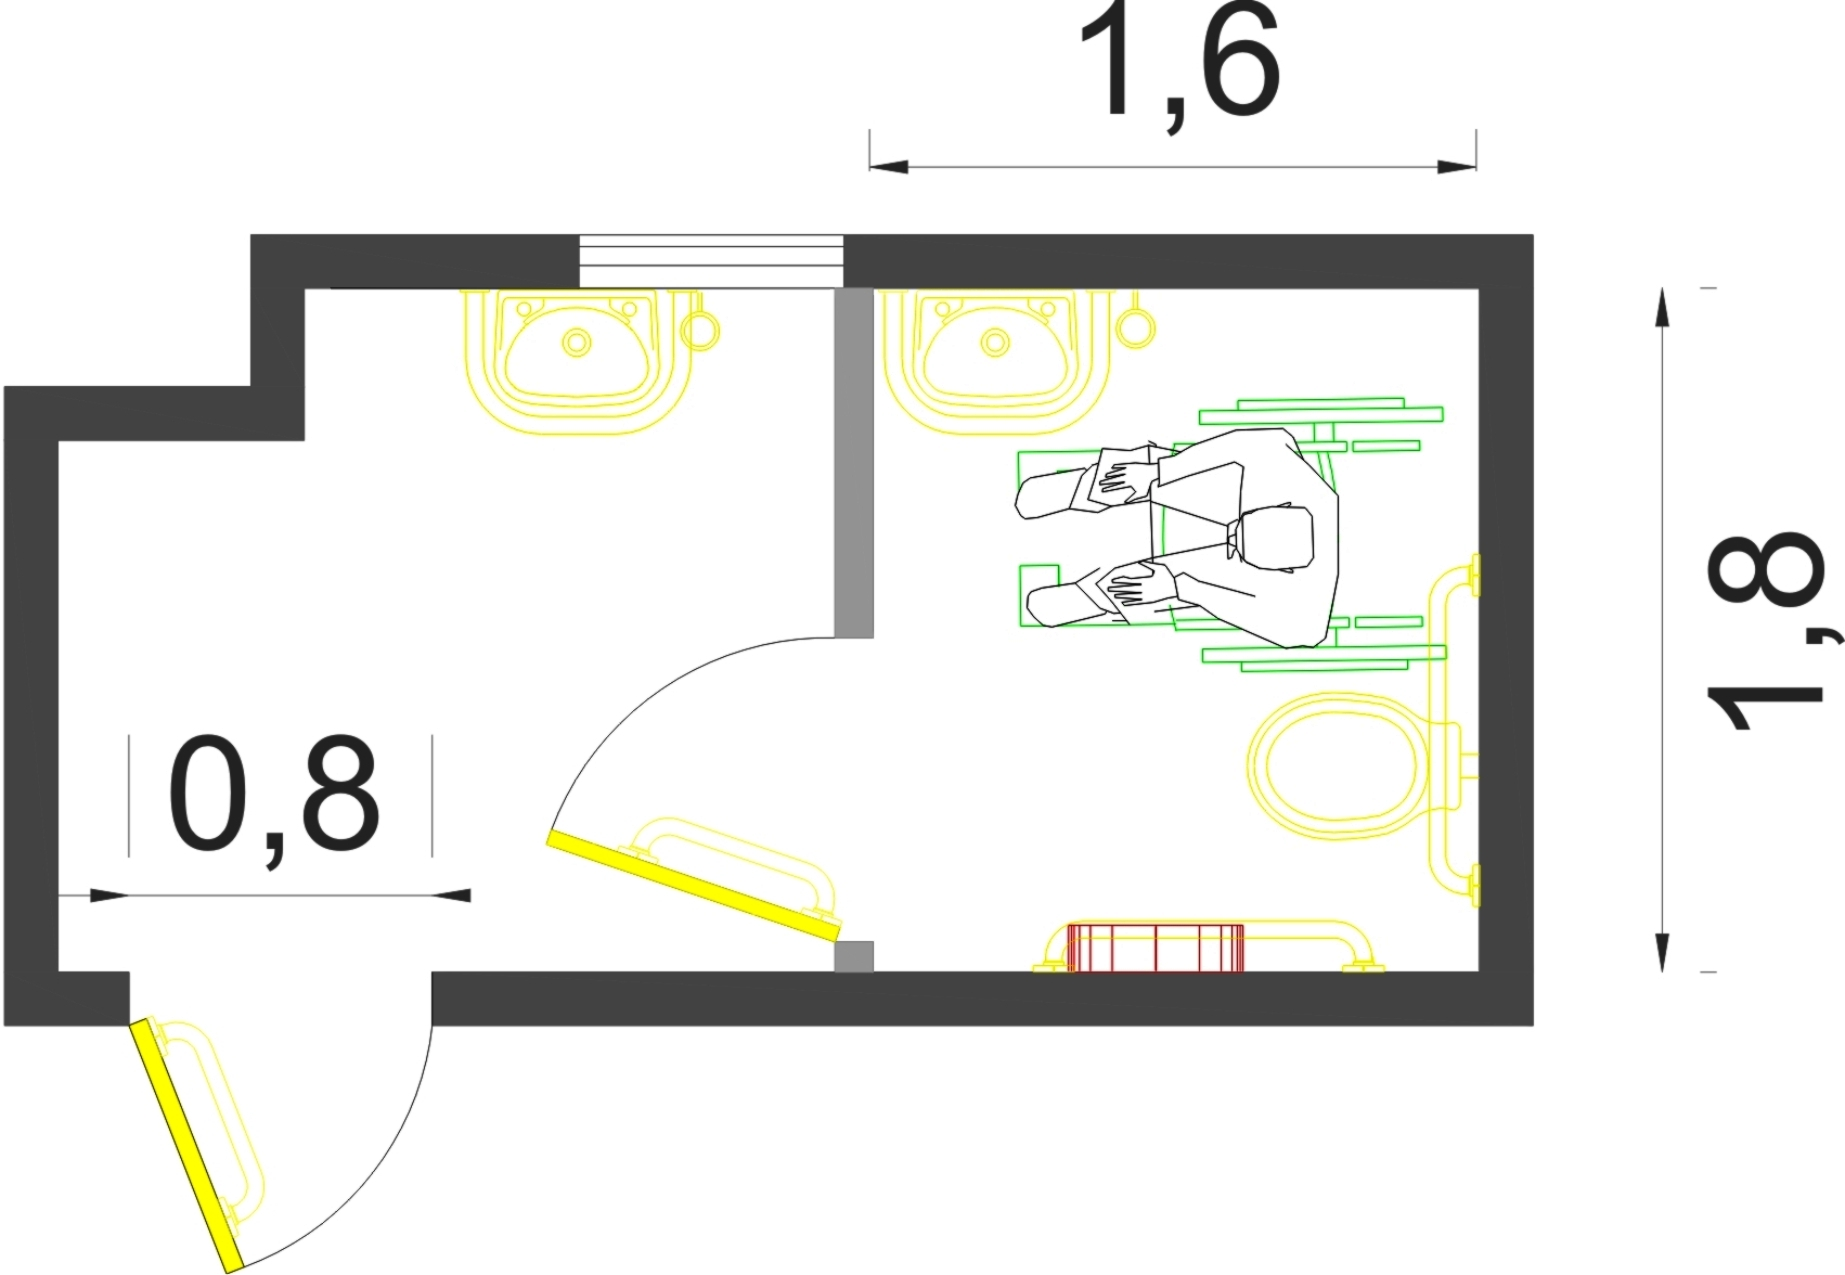 Proposta para um Sanitário ser Acessível Arquitetura Acessível #BFBF0C 1845x1275 Banheiro Acessibilidade Bloco Cad